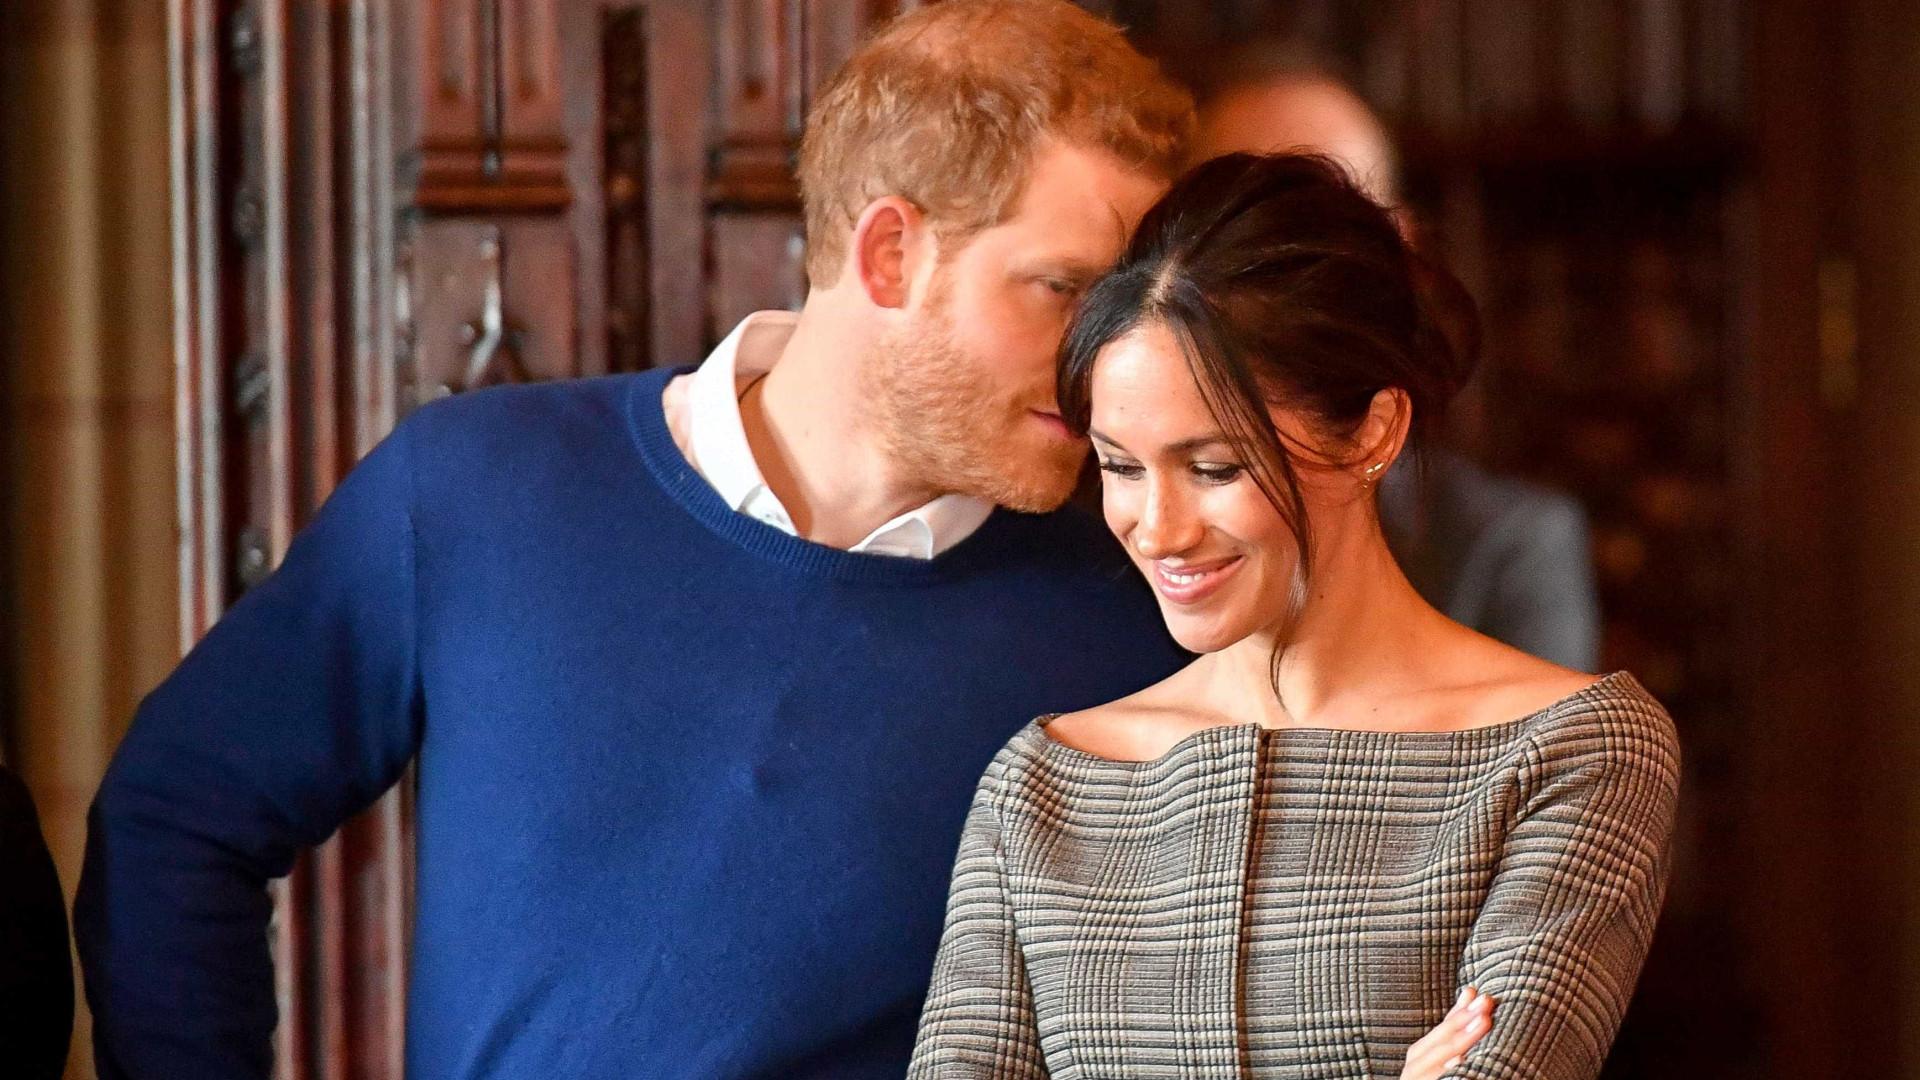 Sensitiva fala sobre casamento real: 'Príncipe Harry tem encosto'